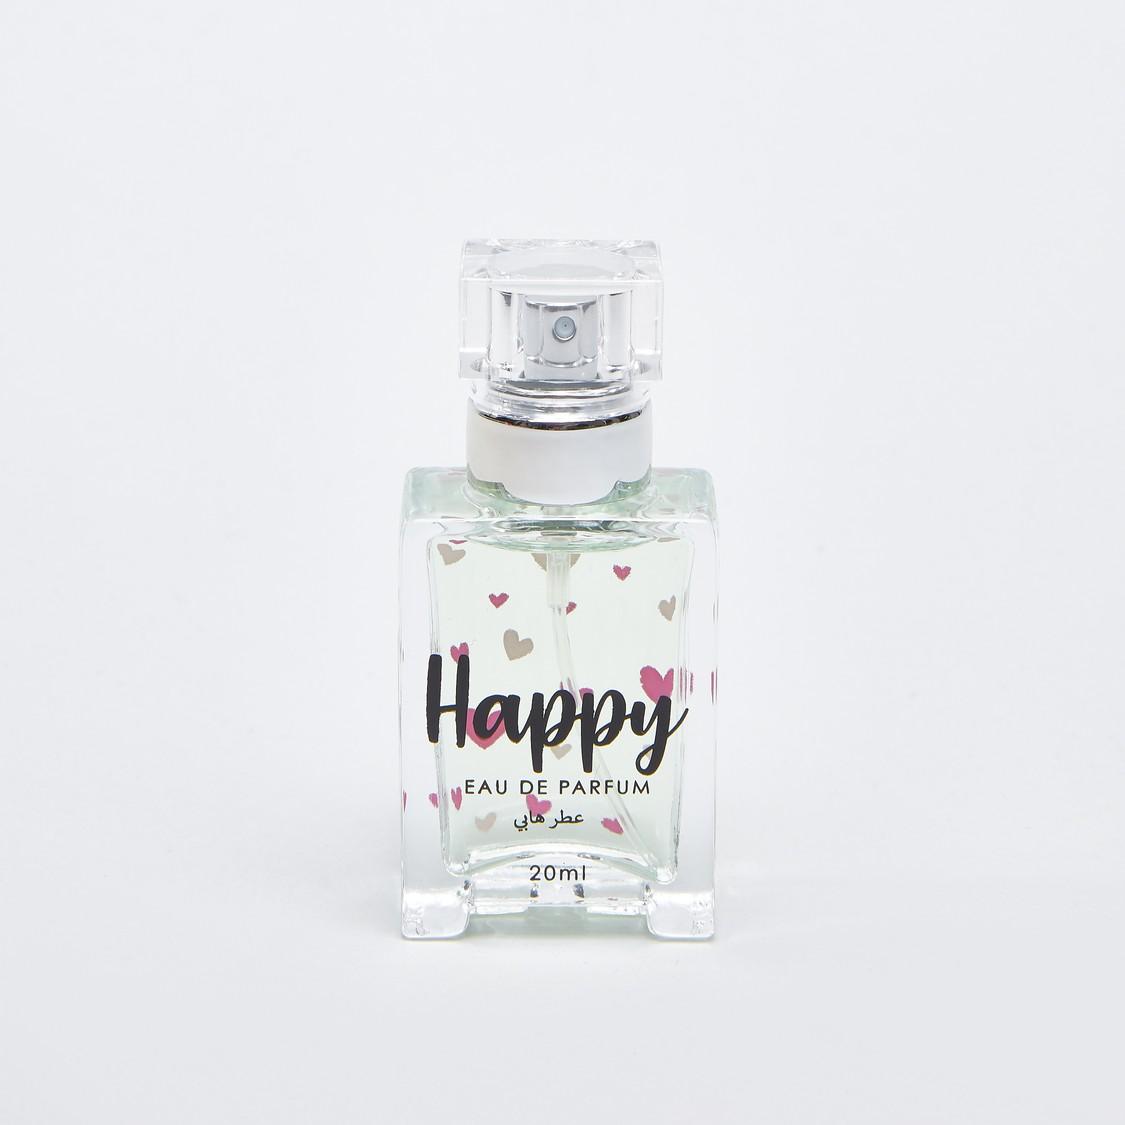 زجاجة عطر أو دو برفوم من هابي - 20 مل